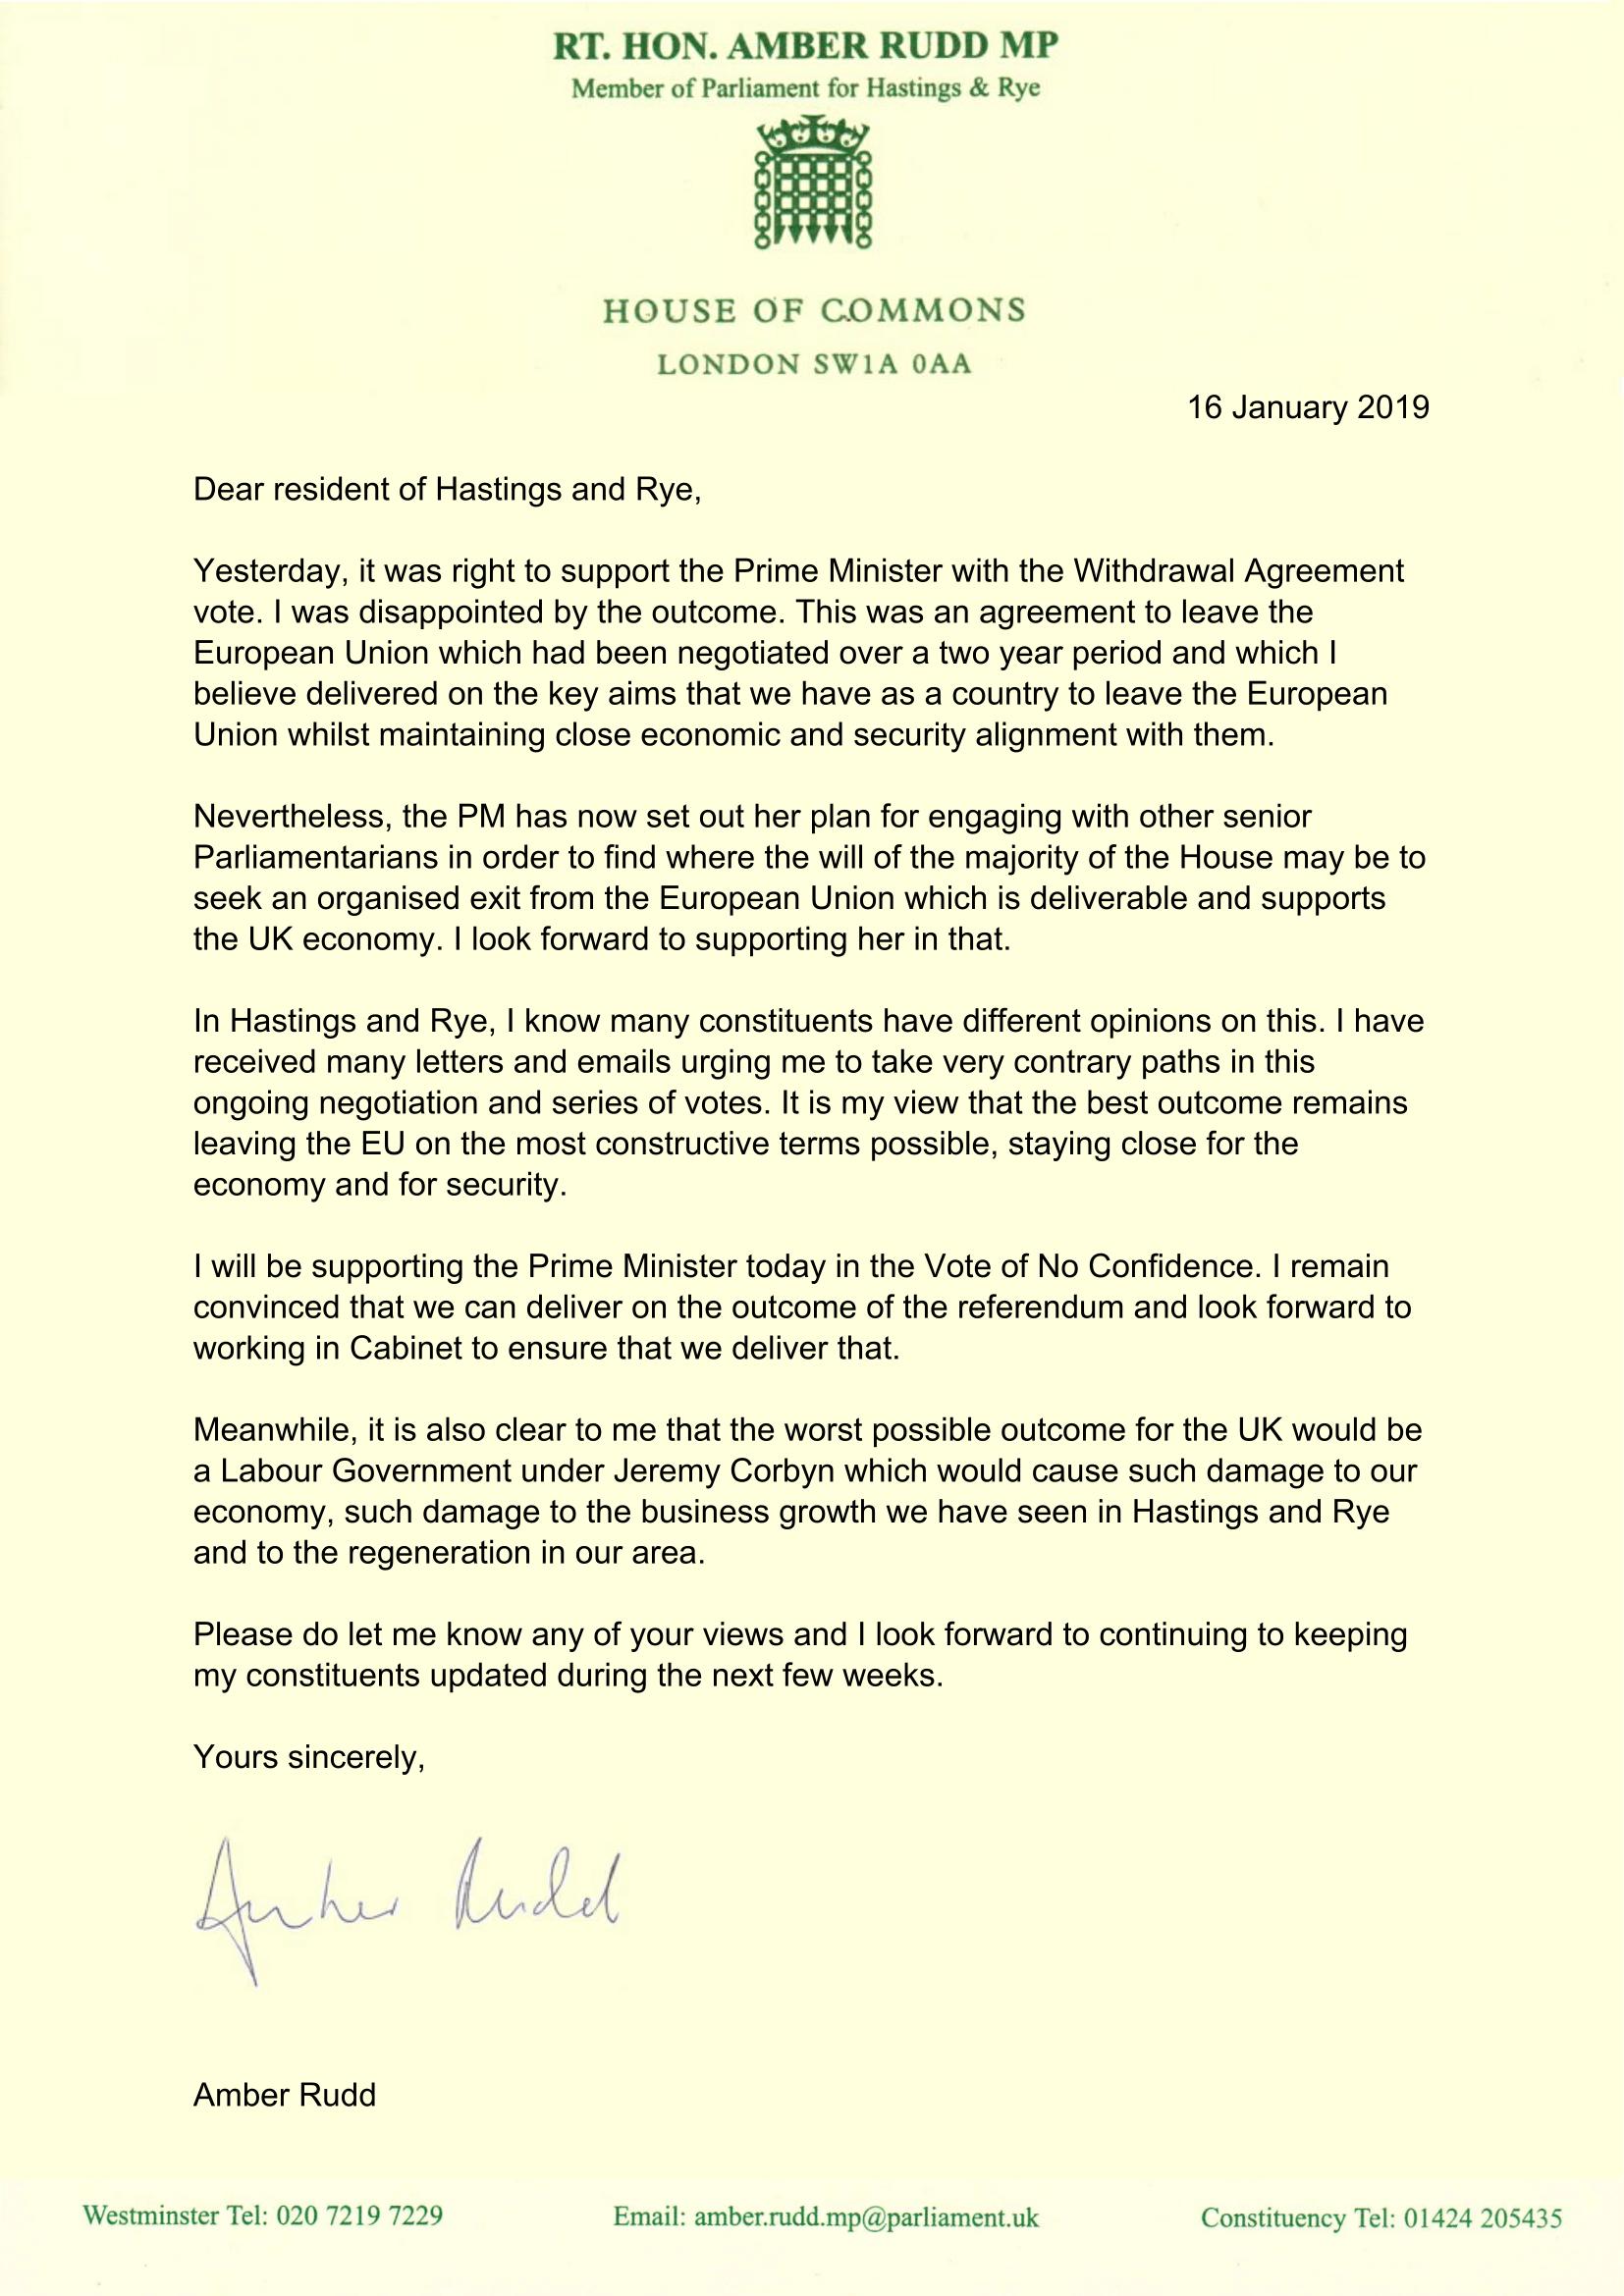 amber letter wa vote